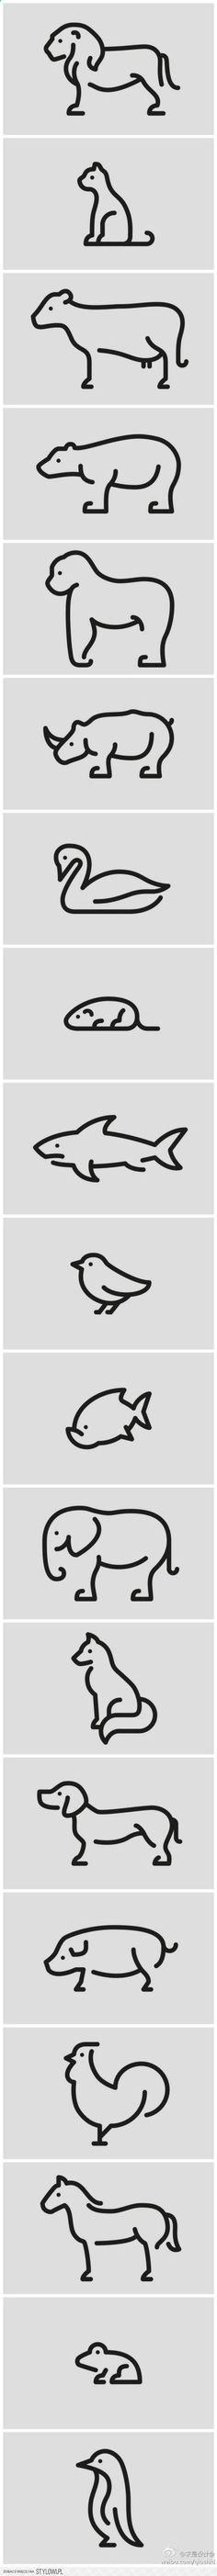 Jak rysować zwierzęta